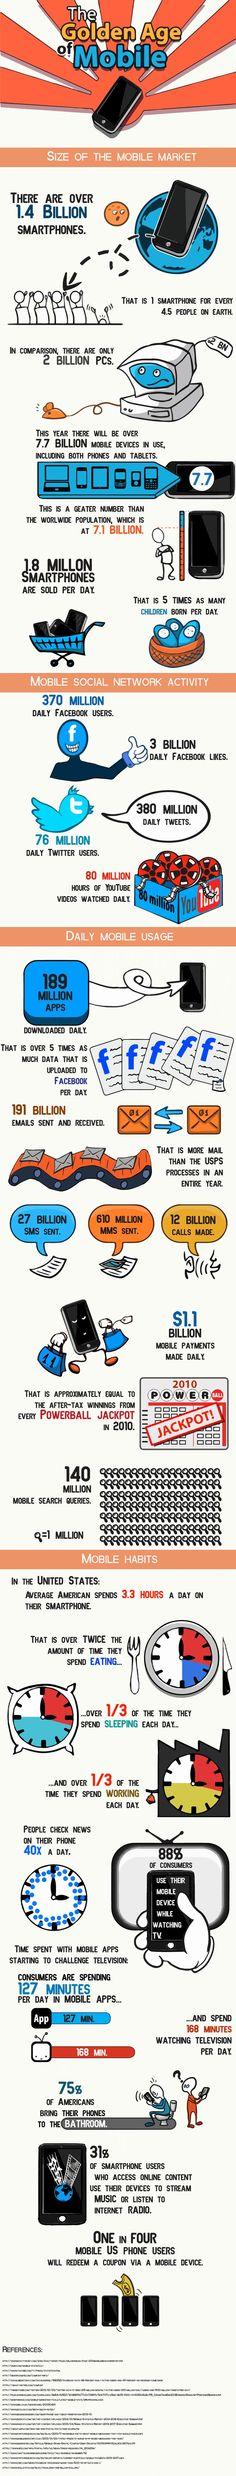 7 datos que comprueban que estamos en la era dorada de los smartphones